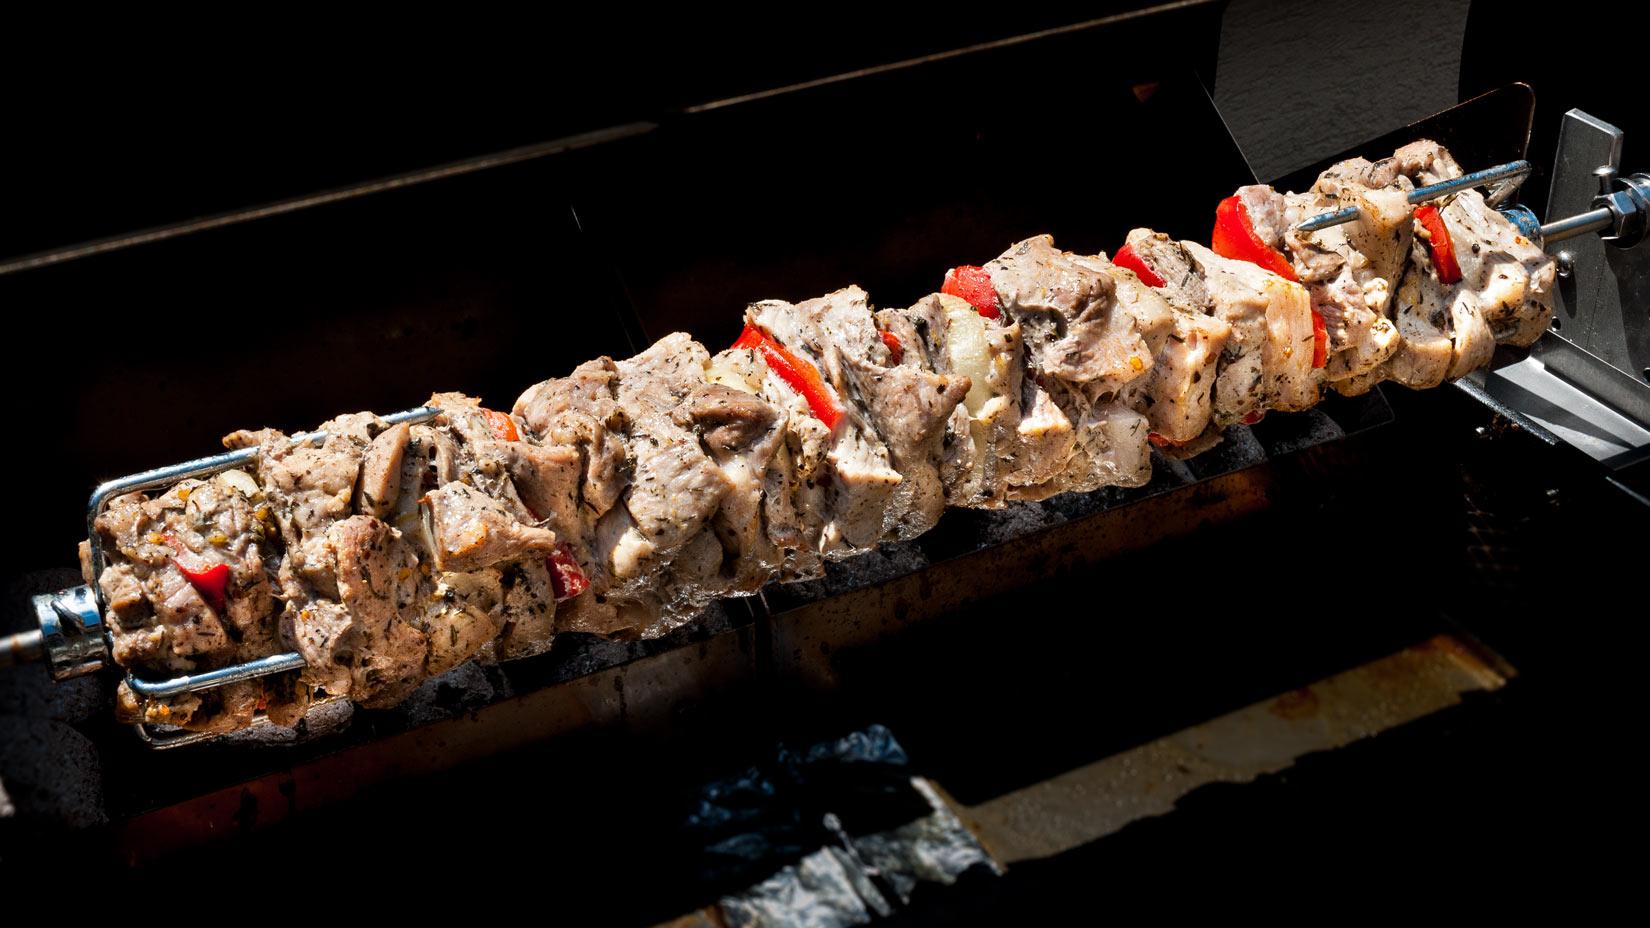 Po odstranění alobalu je vepřové maso zatím bledé - ale zato plné šťávy a chutí z bylinek